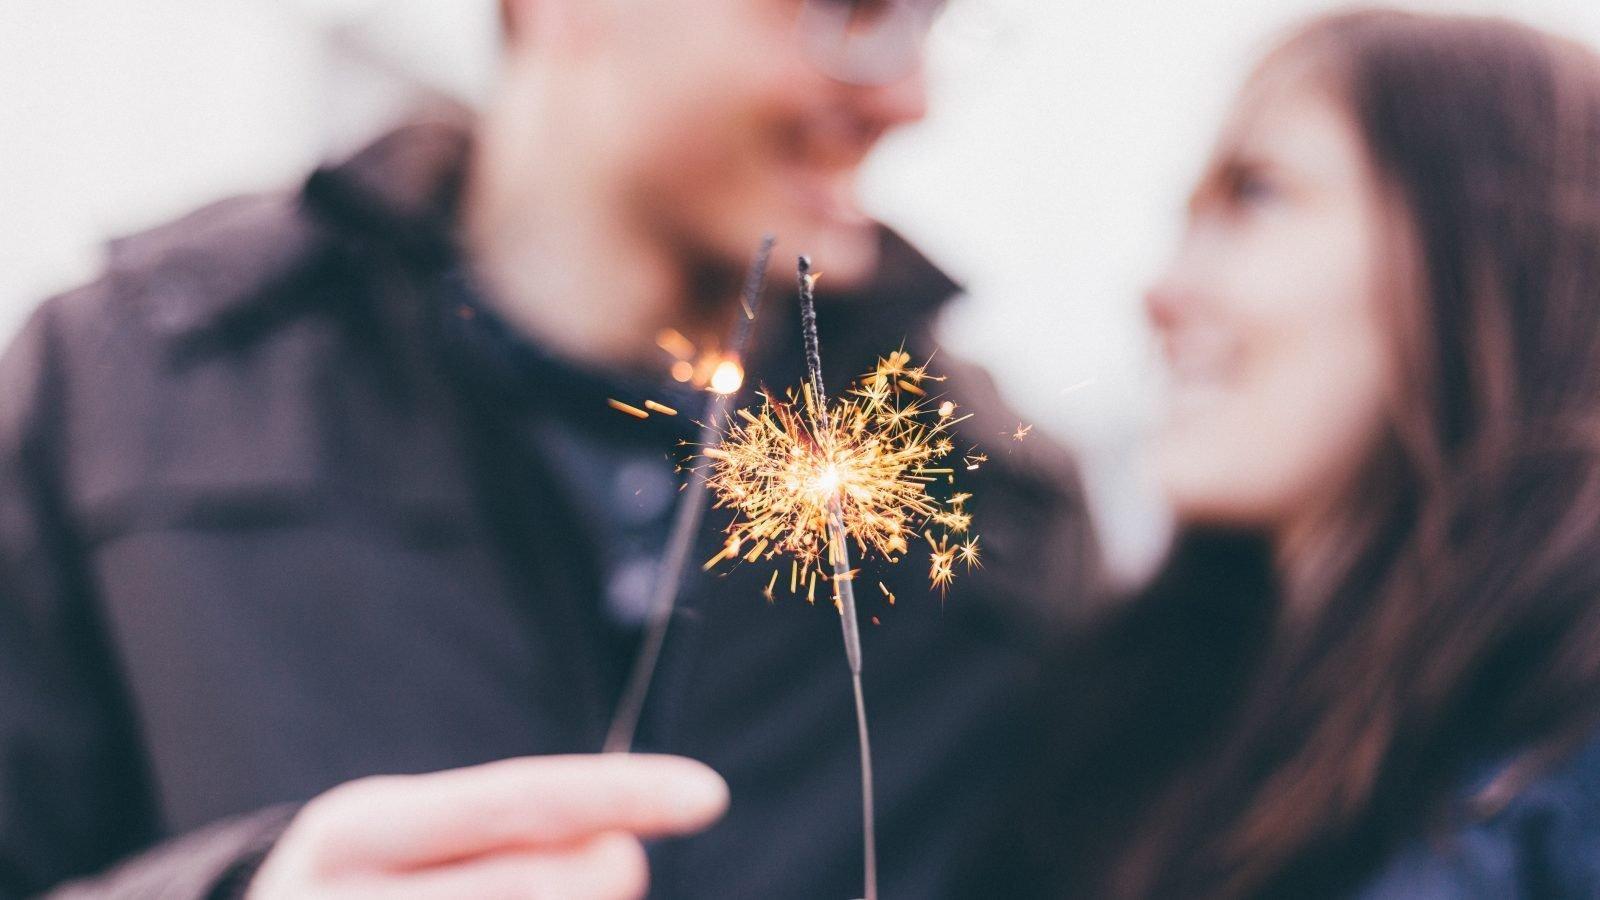 Prometo hacerte sentir querido, amado y deseado cada día.